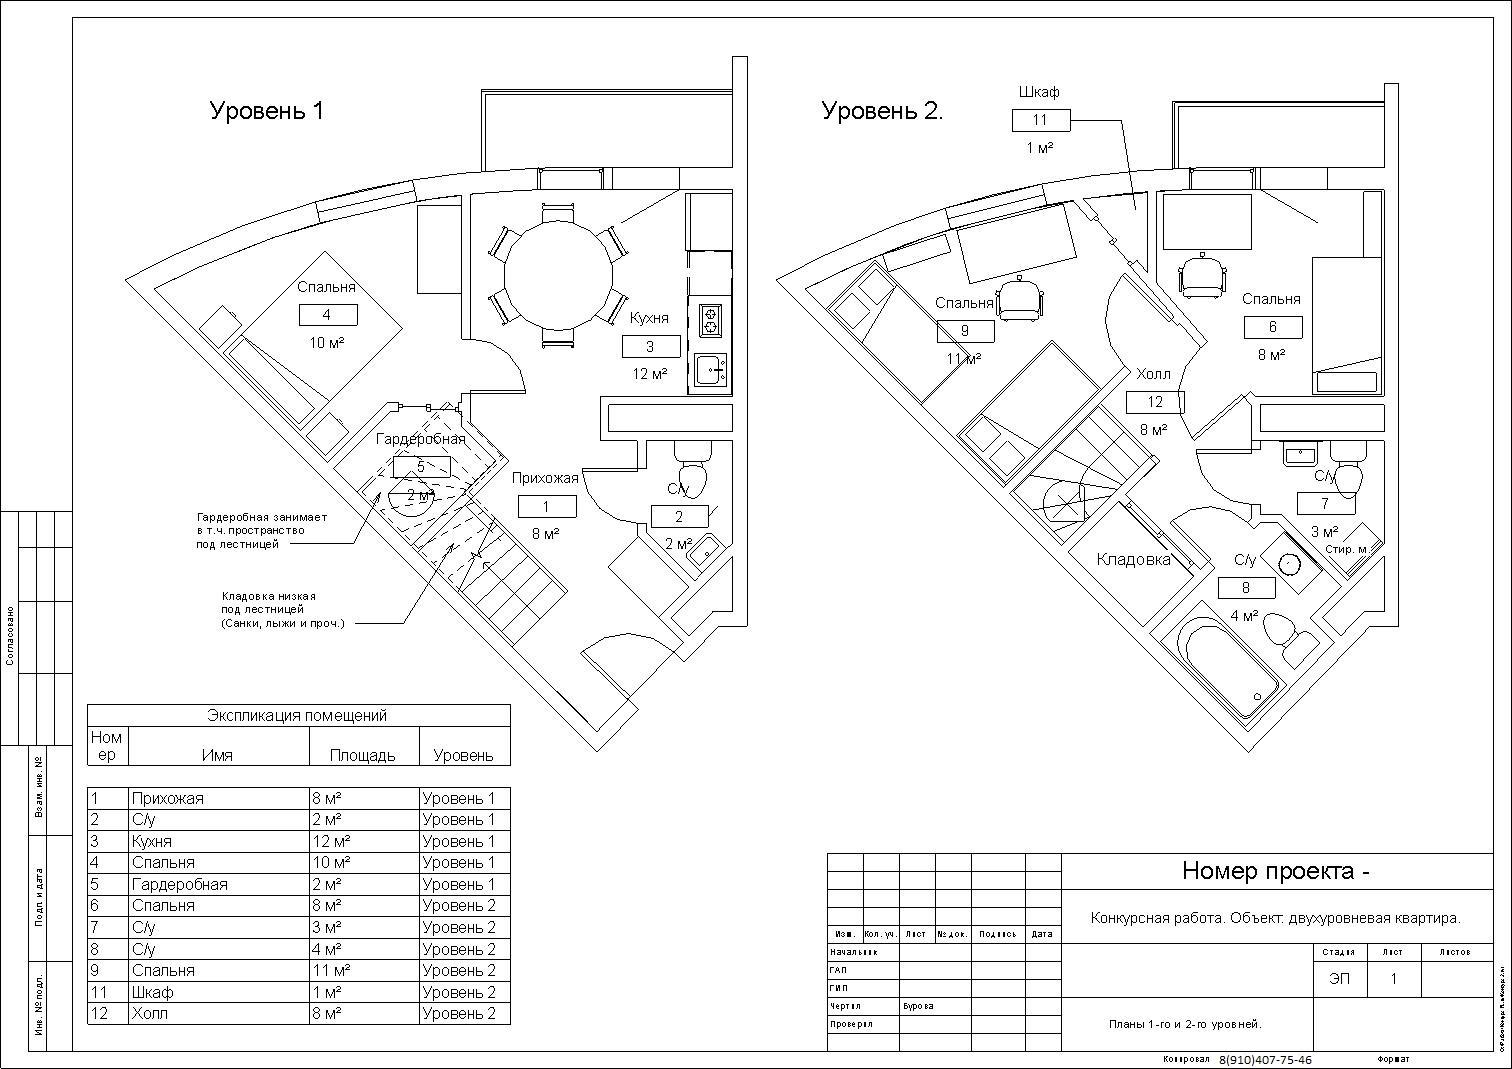 Планировочное решение для 2-уровневой кв.37,5м фото f_7835a3f356a8e253.jpg